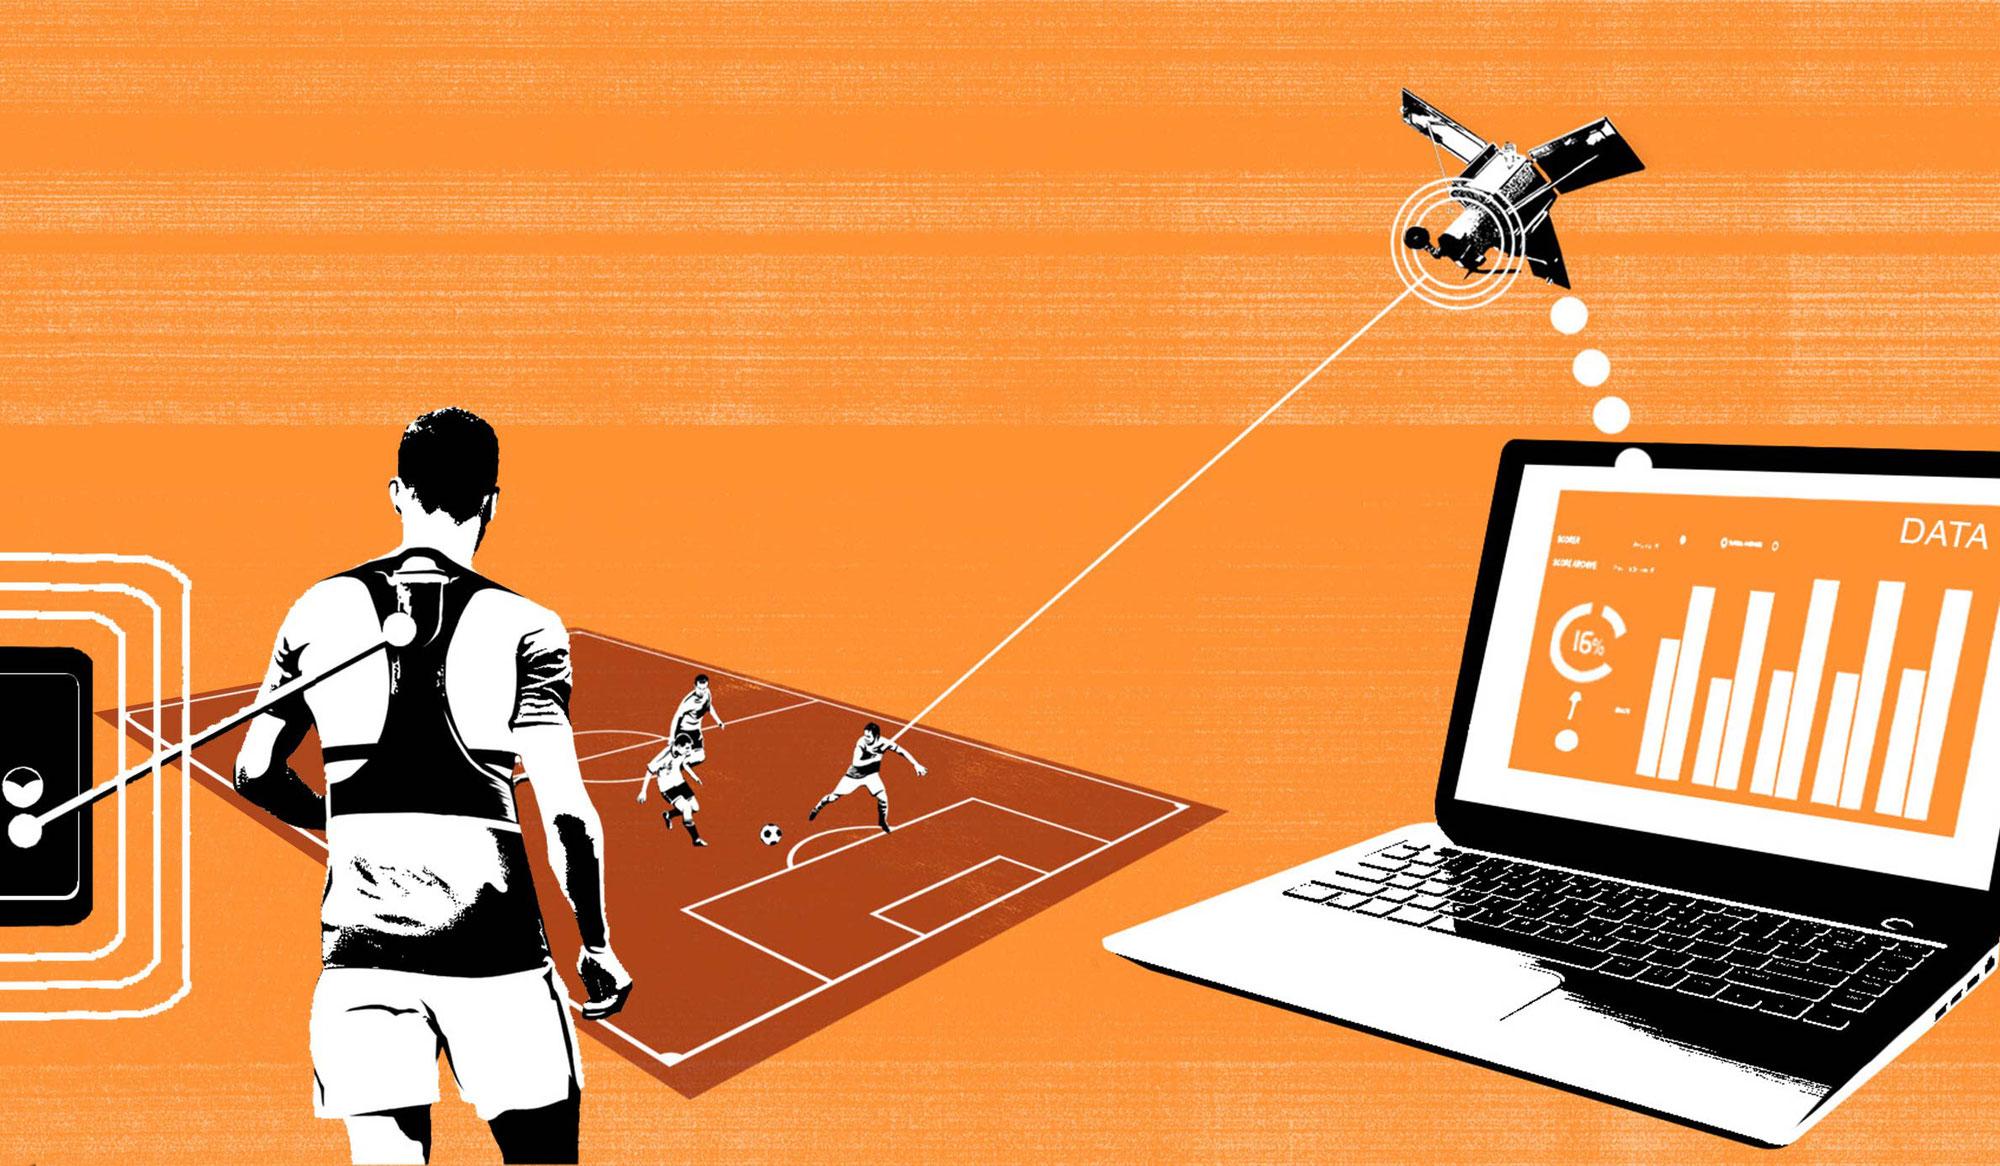 Servicio de seguimiento profesional para futbolistas de JEP Sports